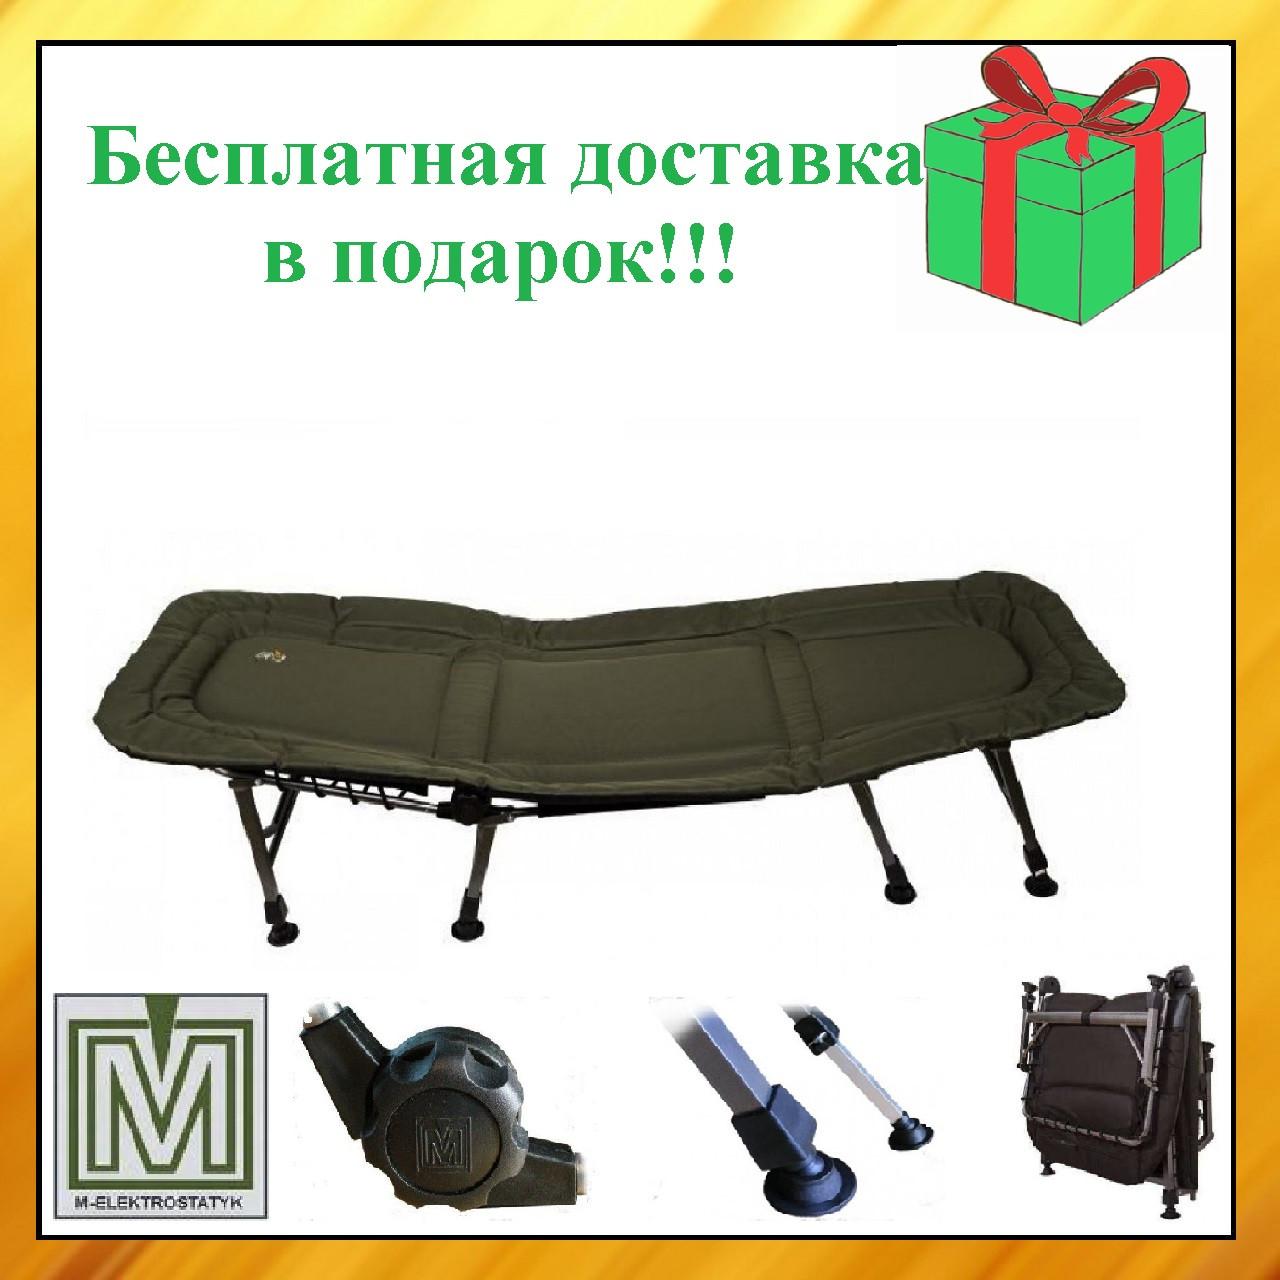 Раскладушка карповая Elektrostatyk L8. 8 ножек. Кровать Электростатик Л8 для рыбалки. Розкладушка коропова.